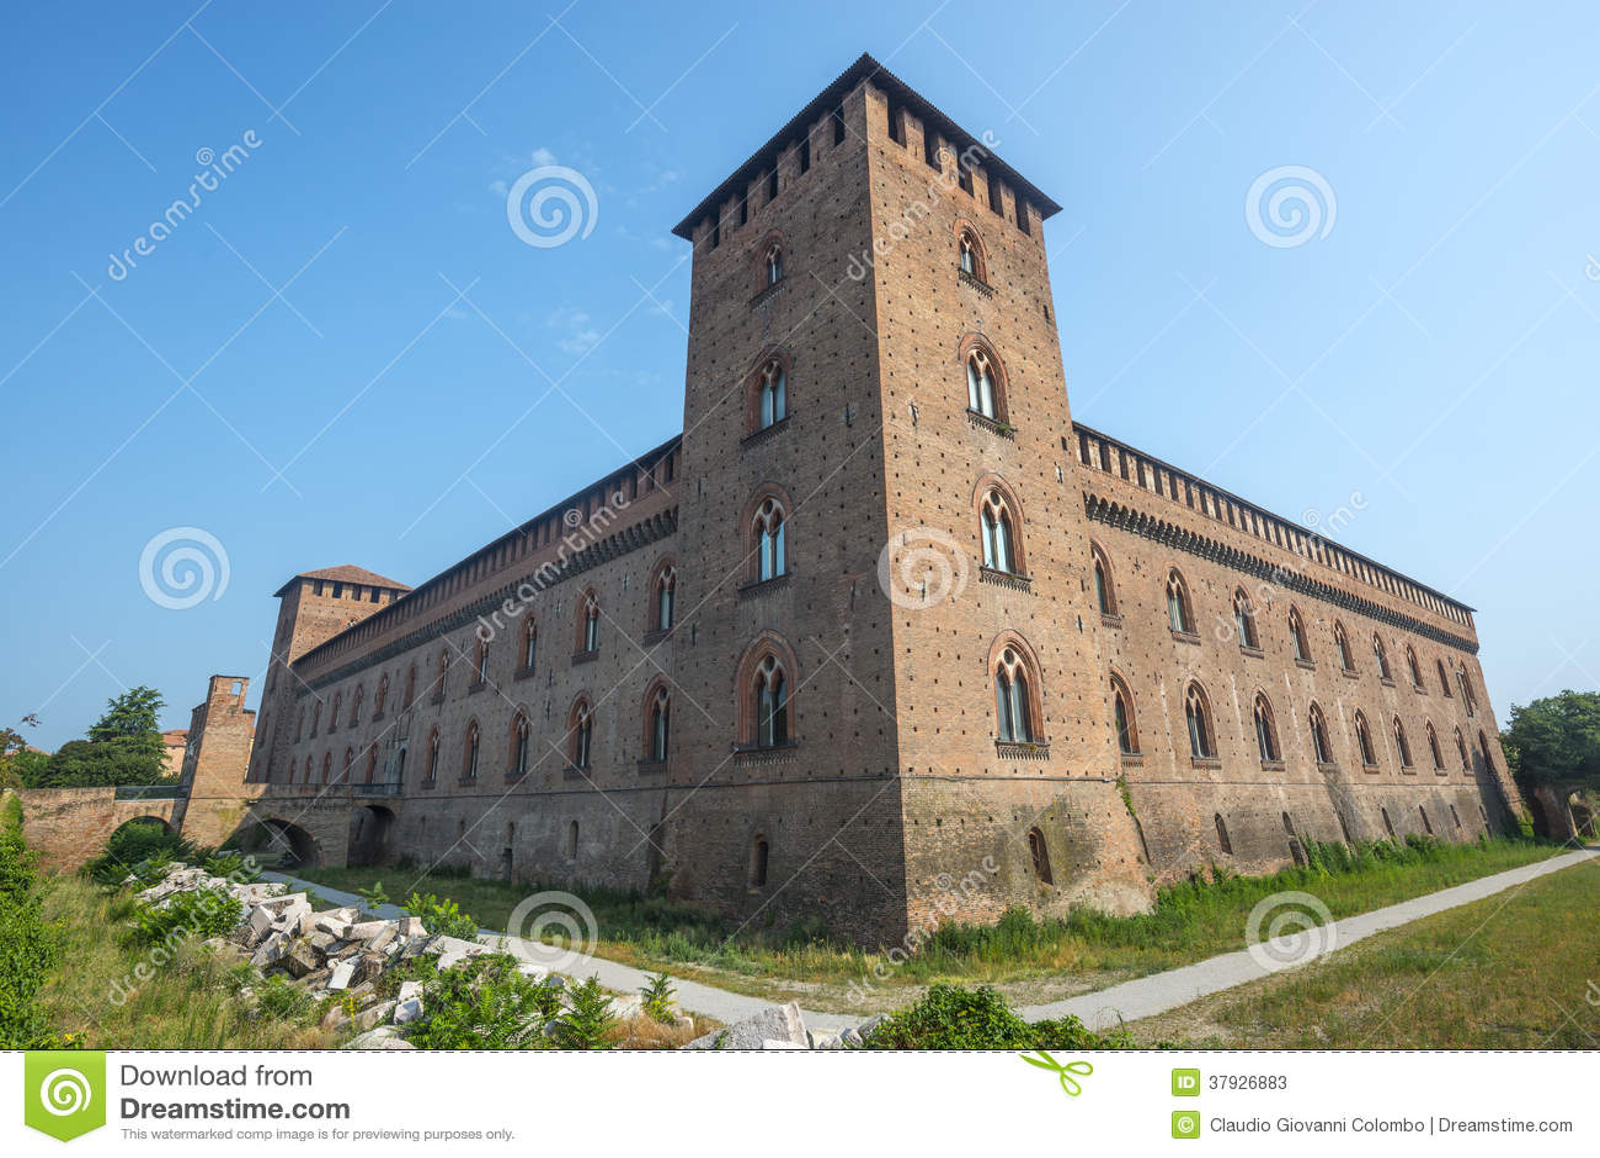 Pavia, castello